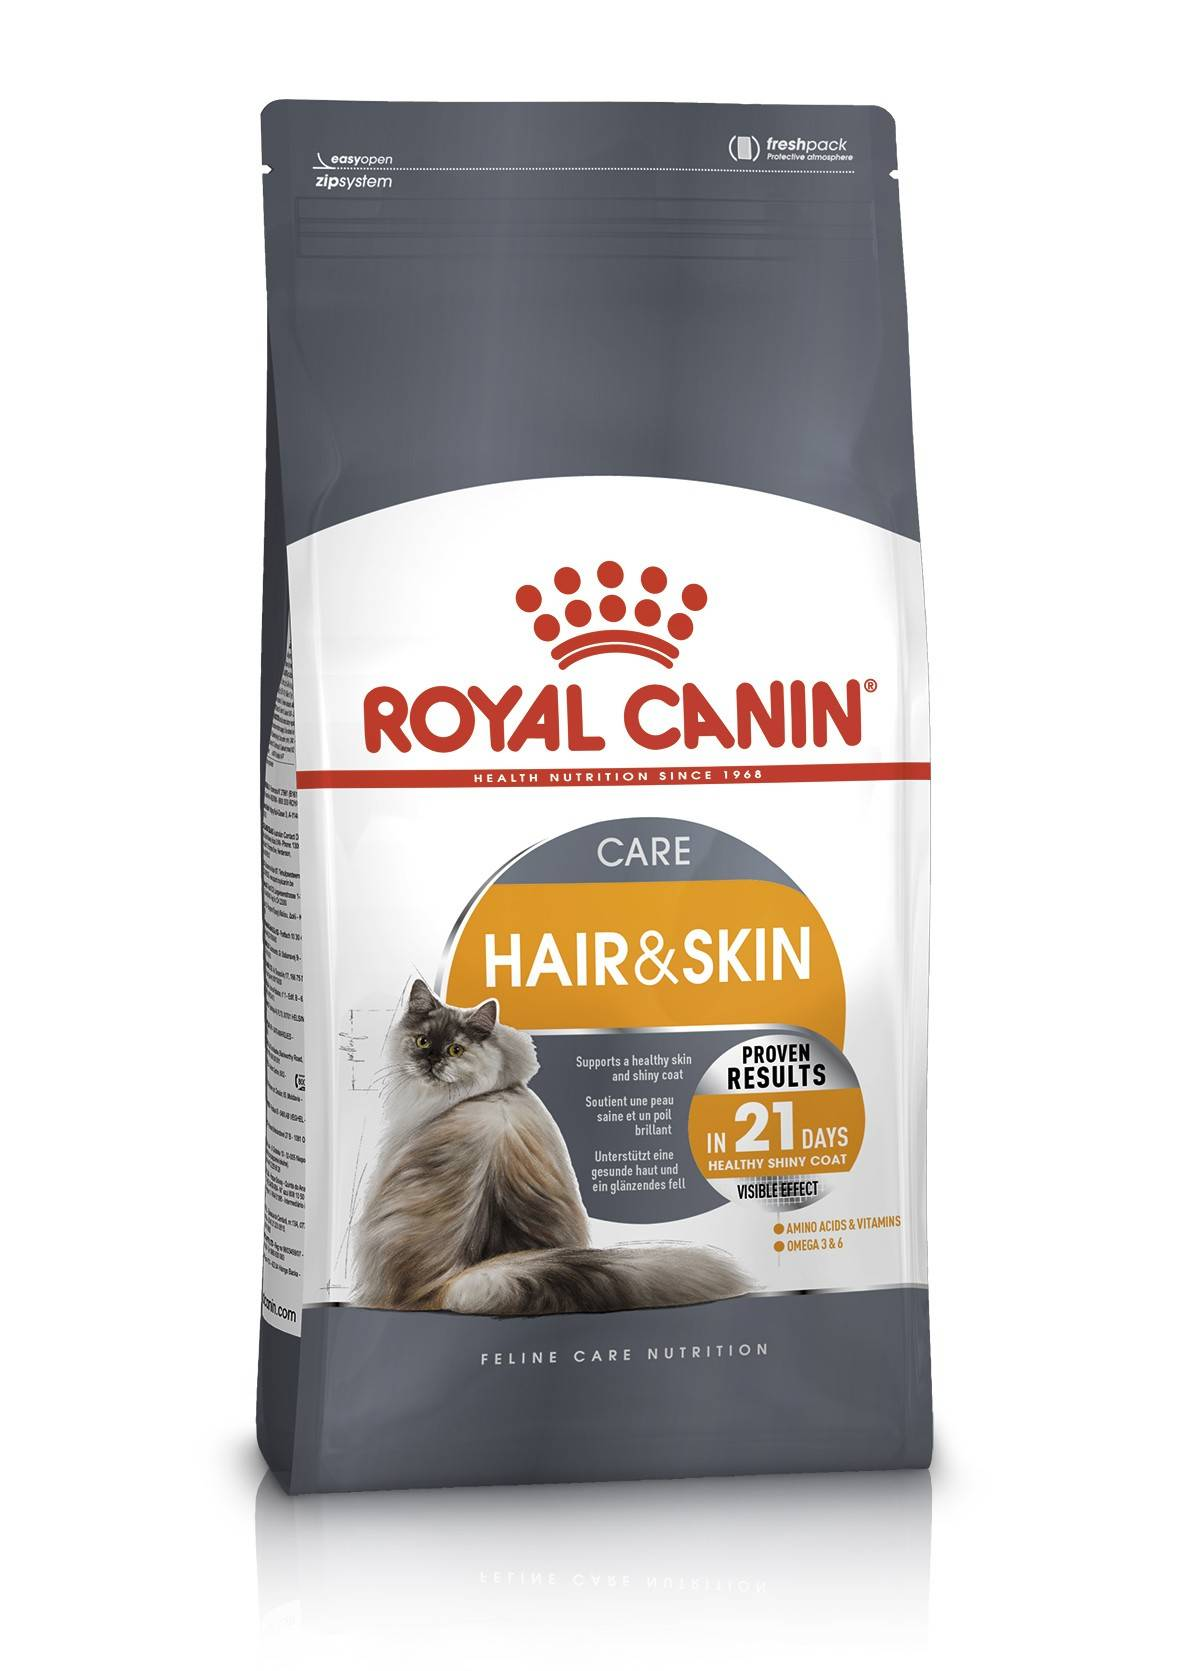 ROYAL CANIN HAIR & SKIN CARE – сухий корм для дорослих котів, сприяє підтримці здоров'я шкіри і шерсті